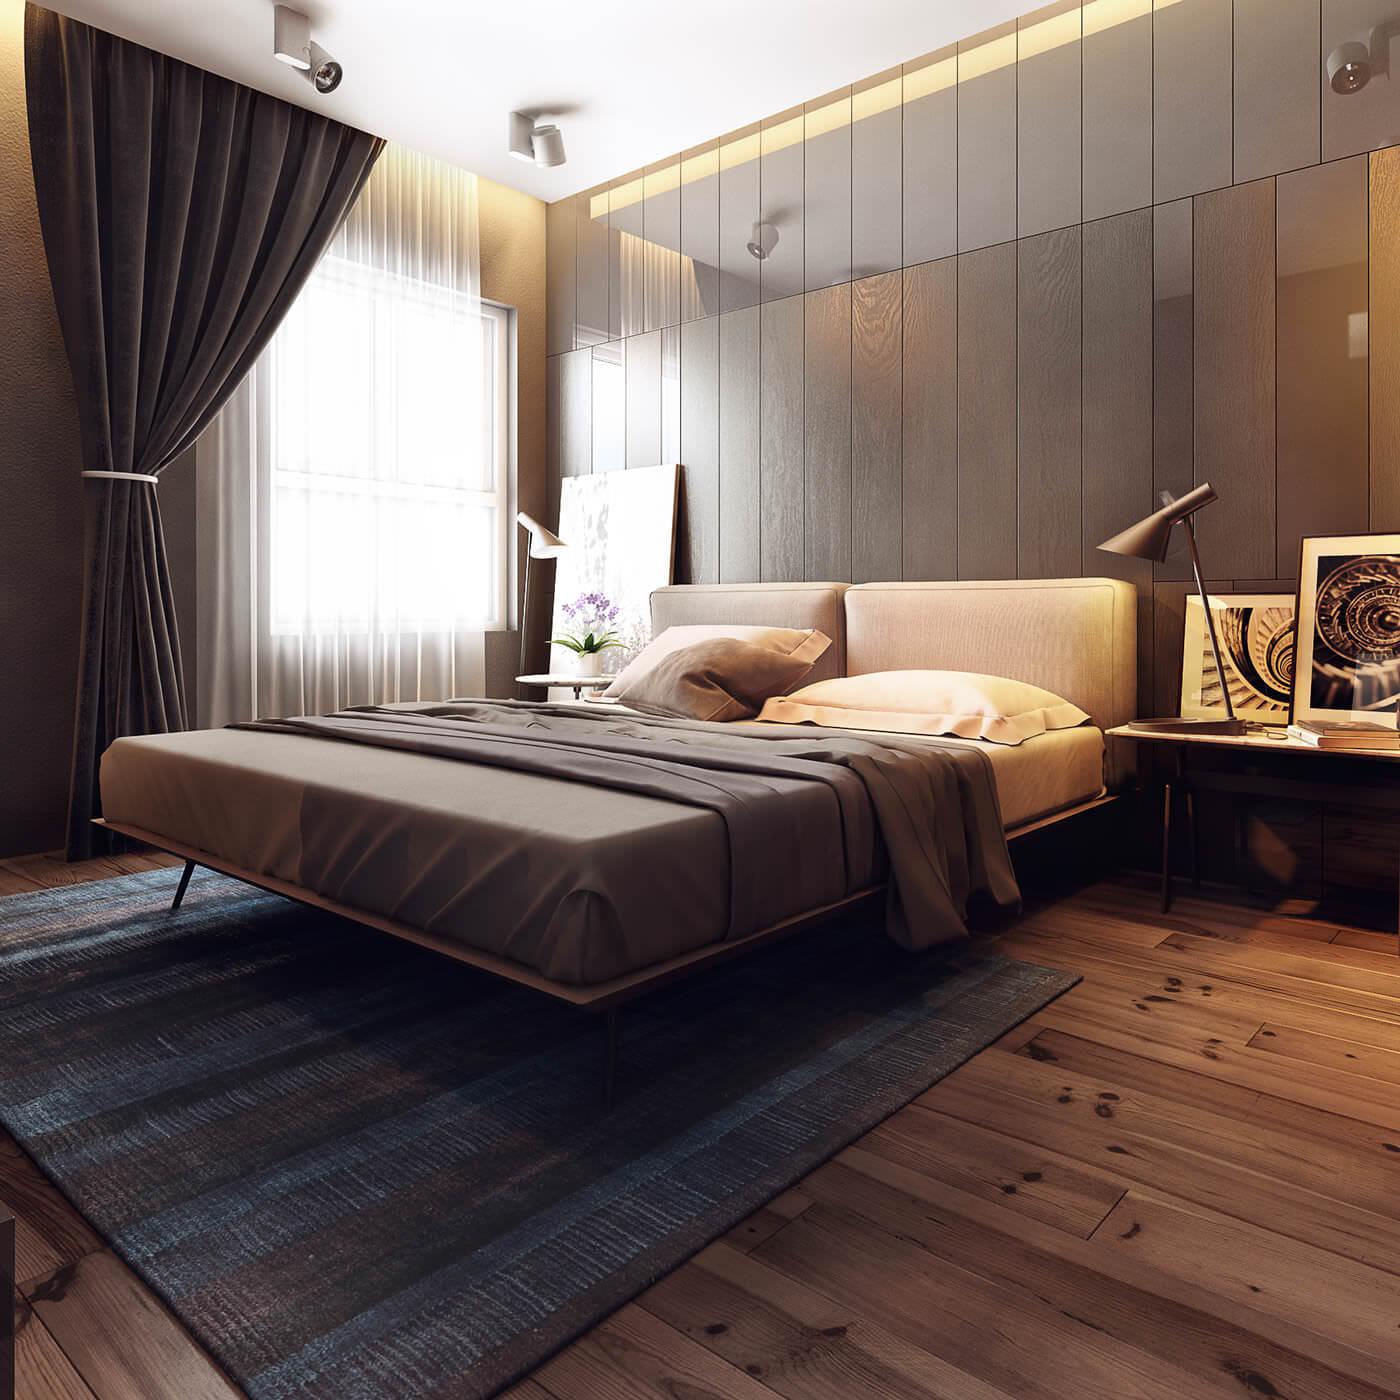 prostoren-apartament-s-eleganten-interior-v-neutralni-tsvetove-6g